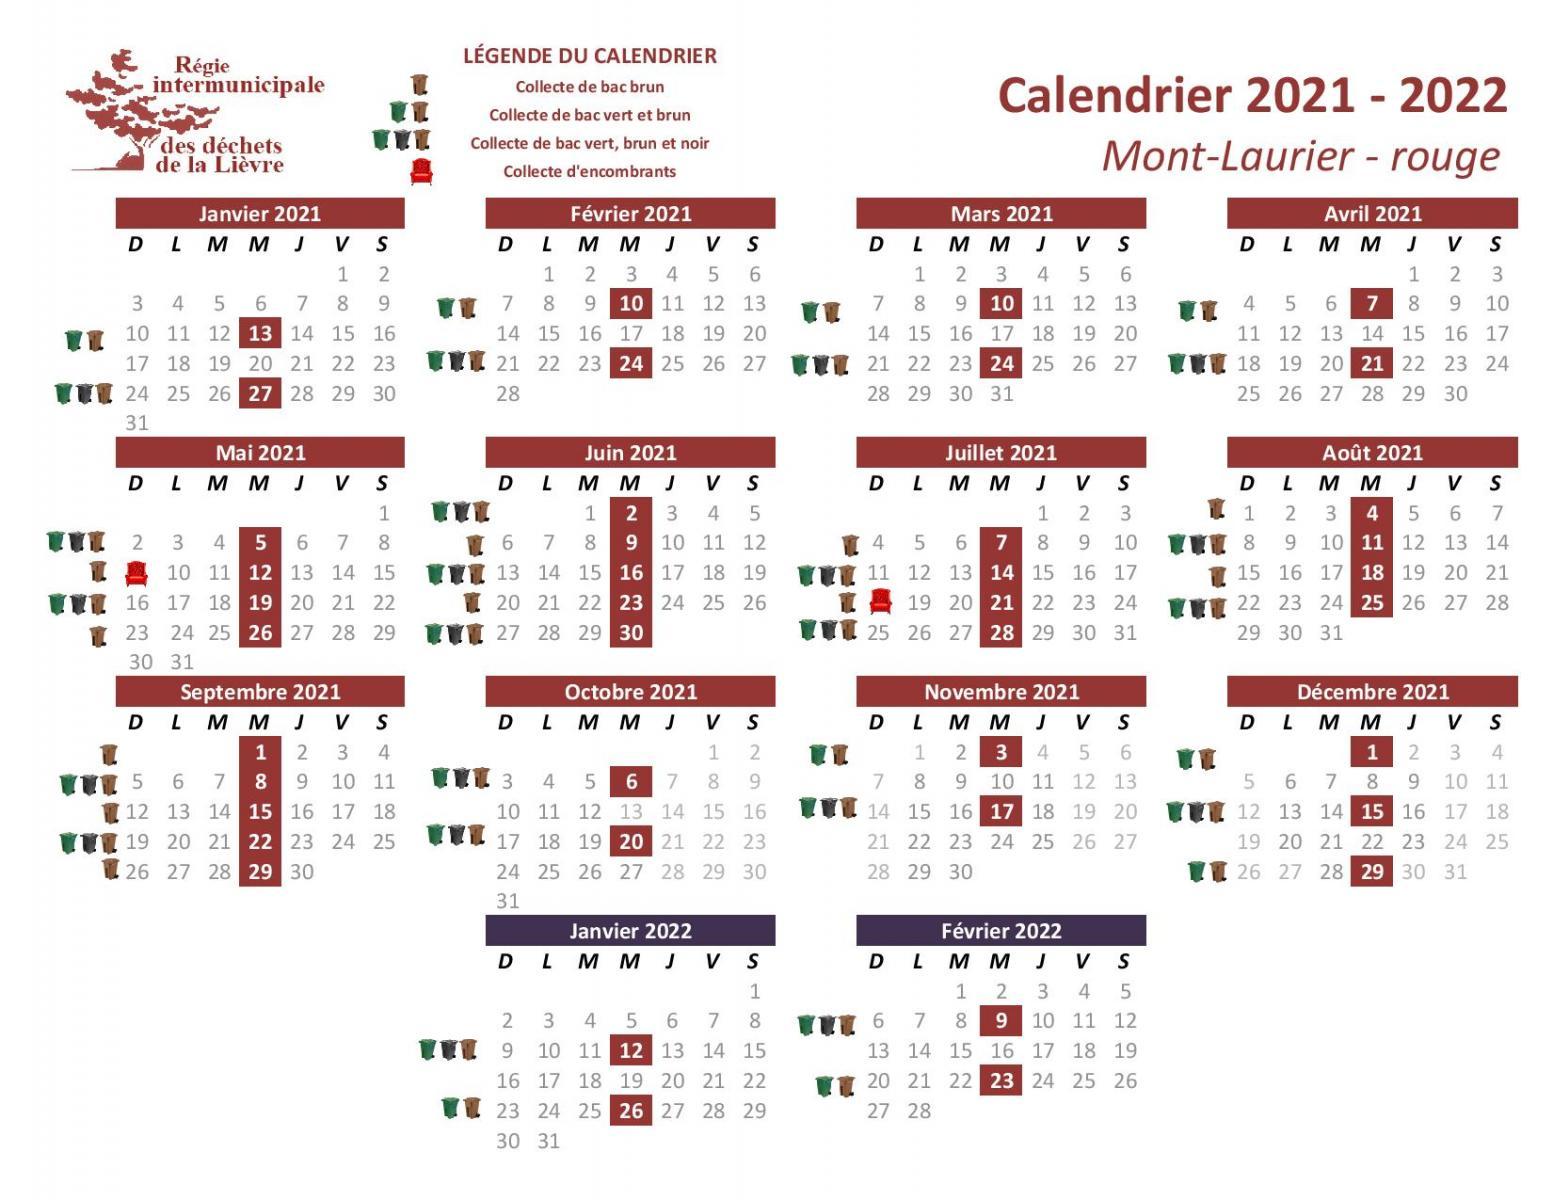 Calendrier Poubelle 2022 Calendriers par municipalité   RIDL